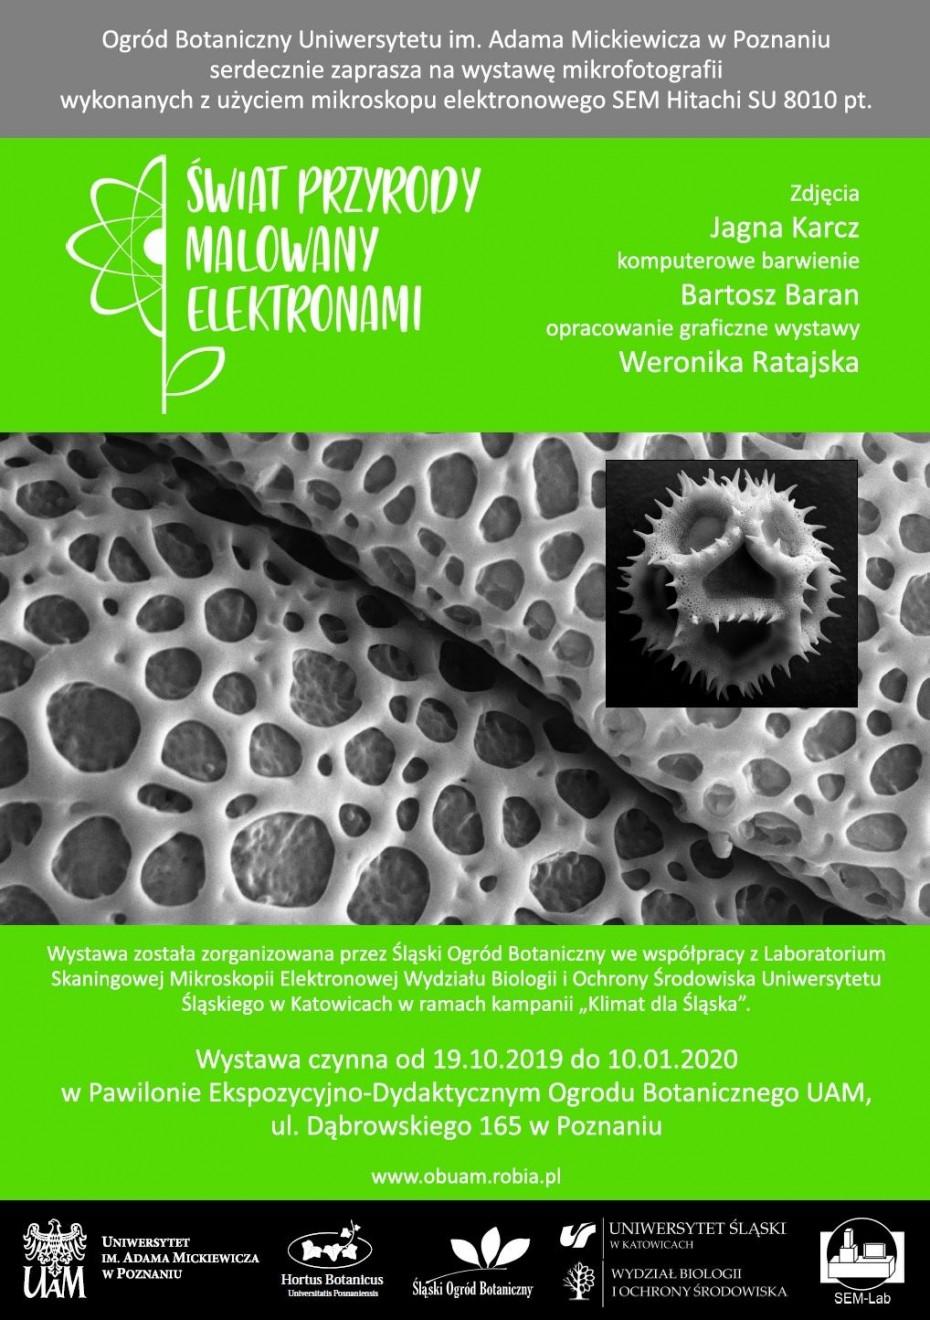 plakat wystawy mikrofotografii